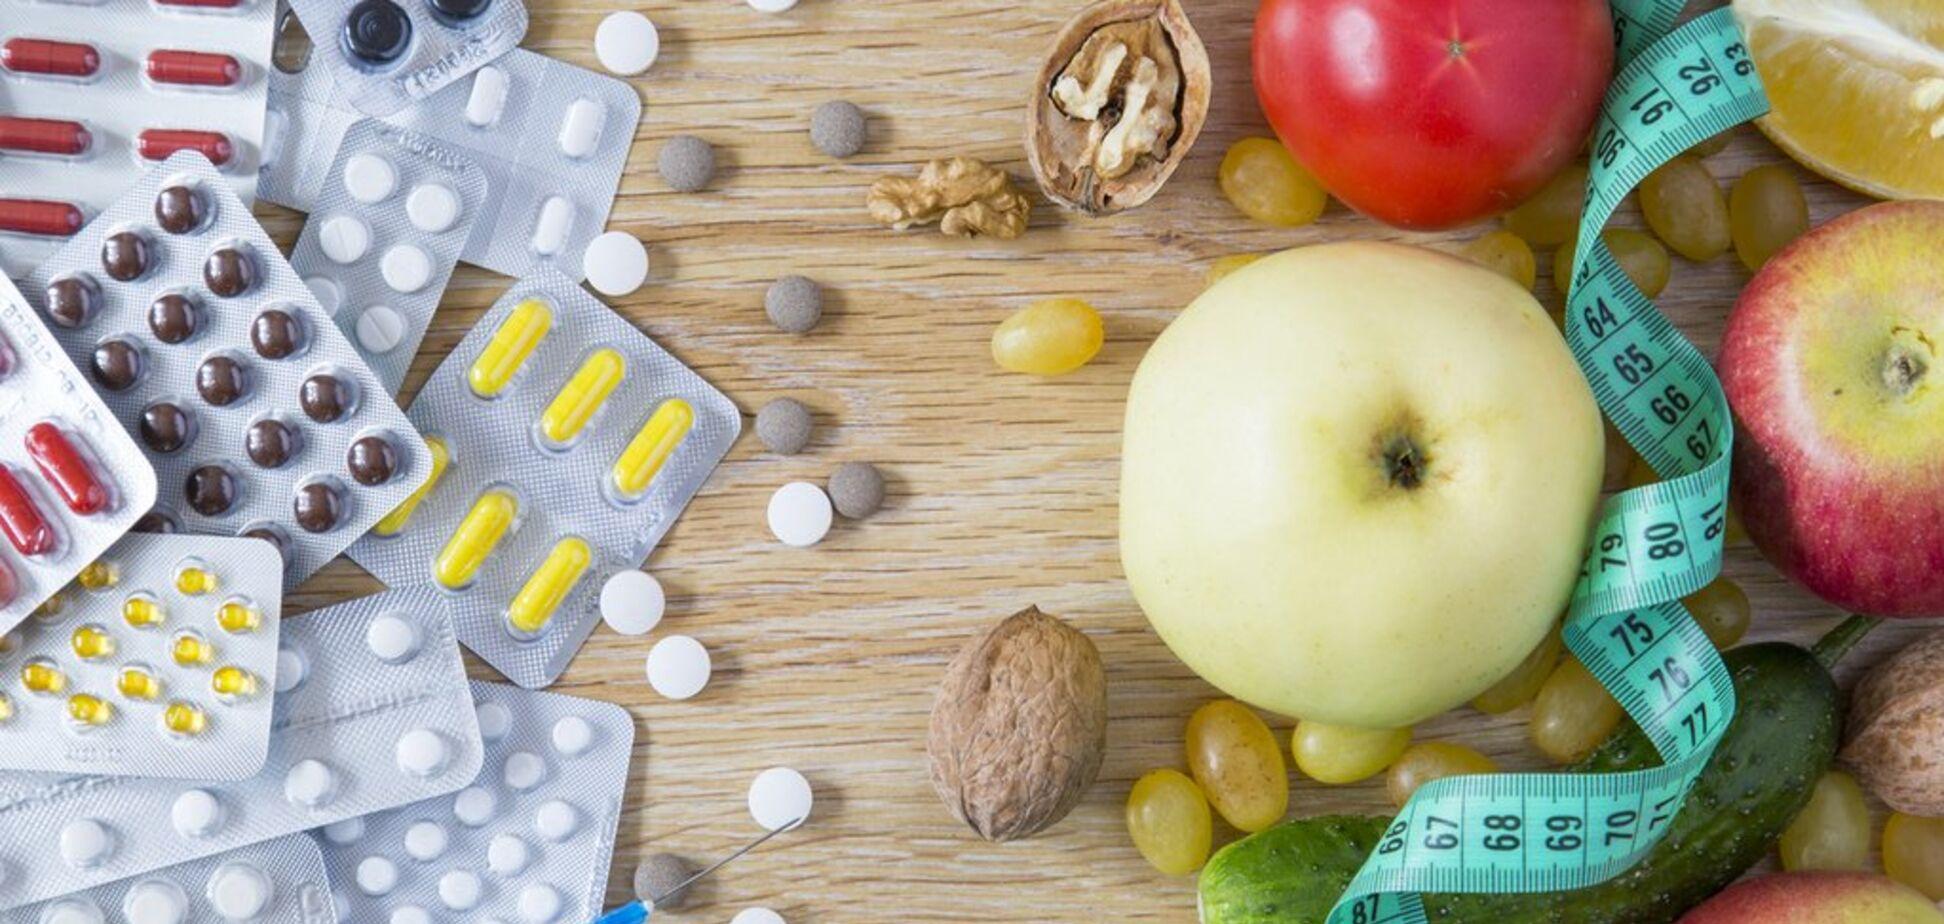 Назван список продуктов, которые опасно употреблять с лекарствами